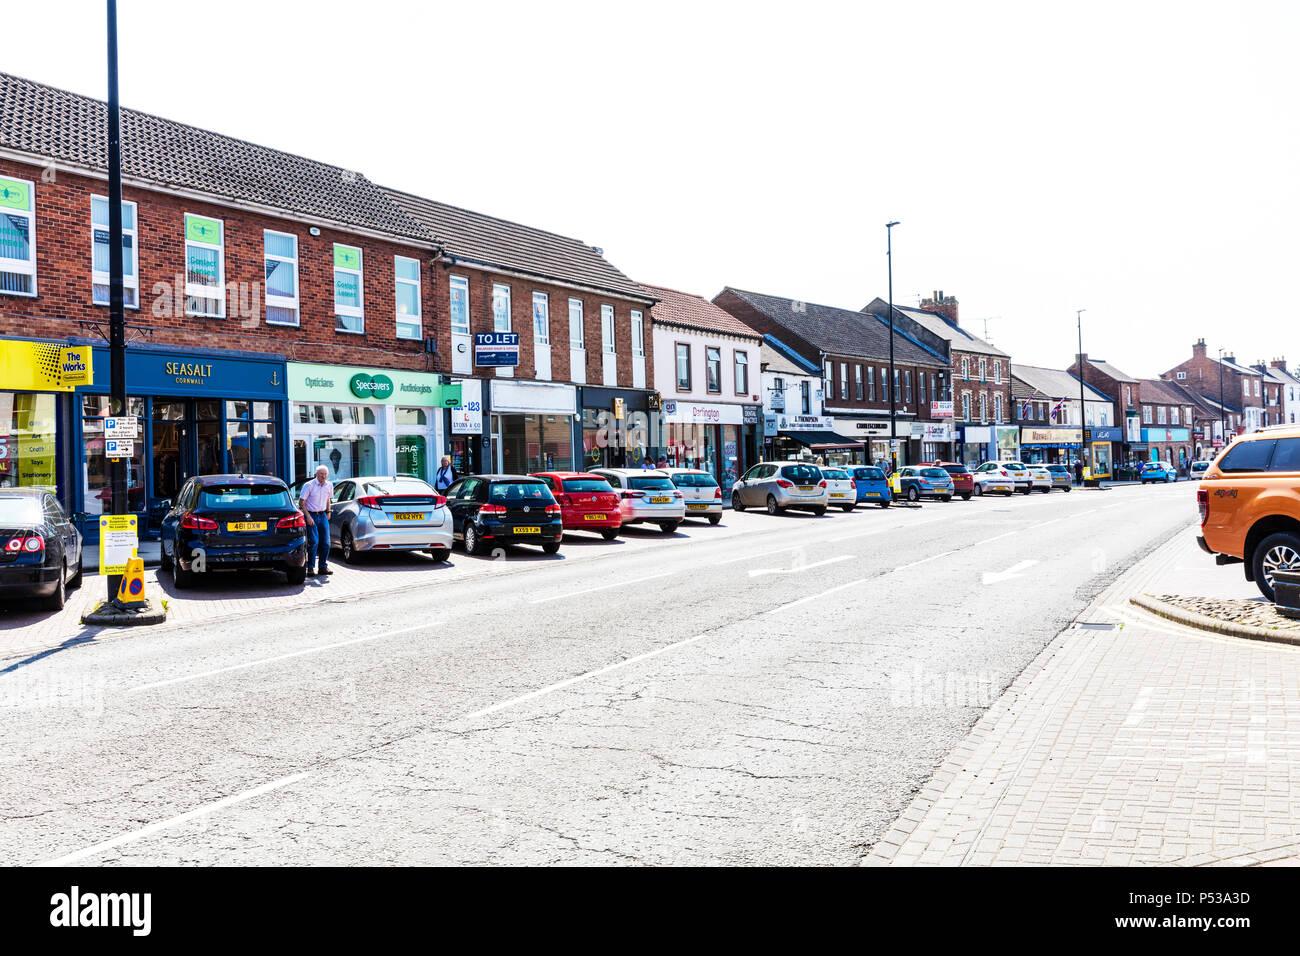 Northallerton town centre, Northallerton town centre Yorkshire UK, Northallerton high street Yorkshire, Northallerton Yorkshire town, UK high street, Stock Photo